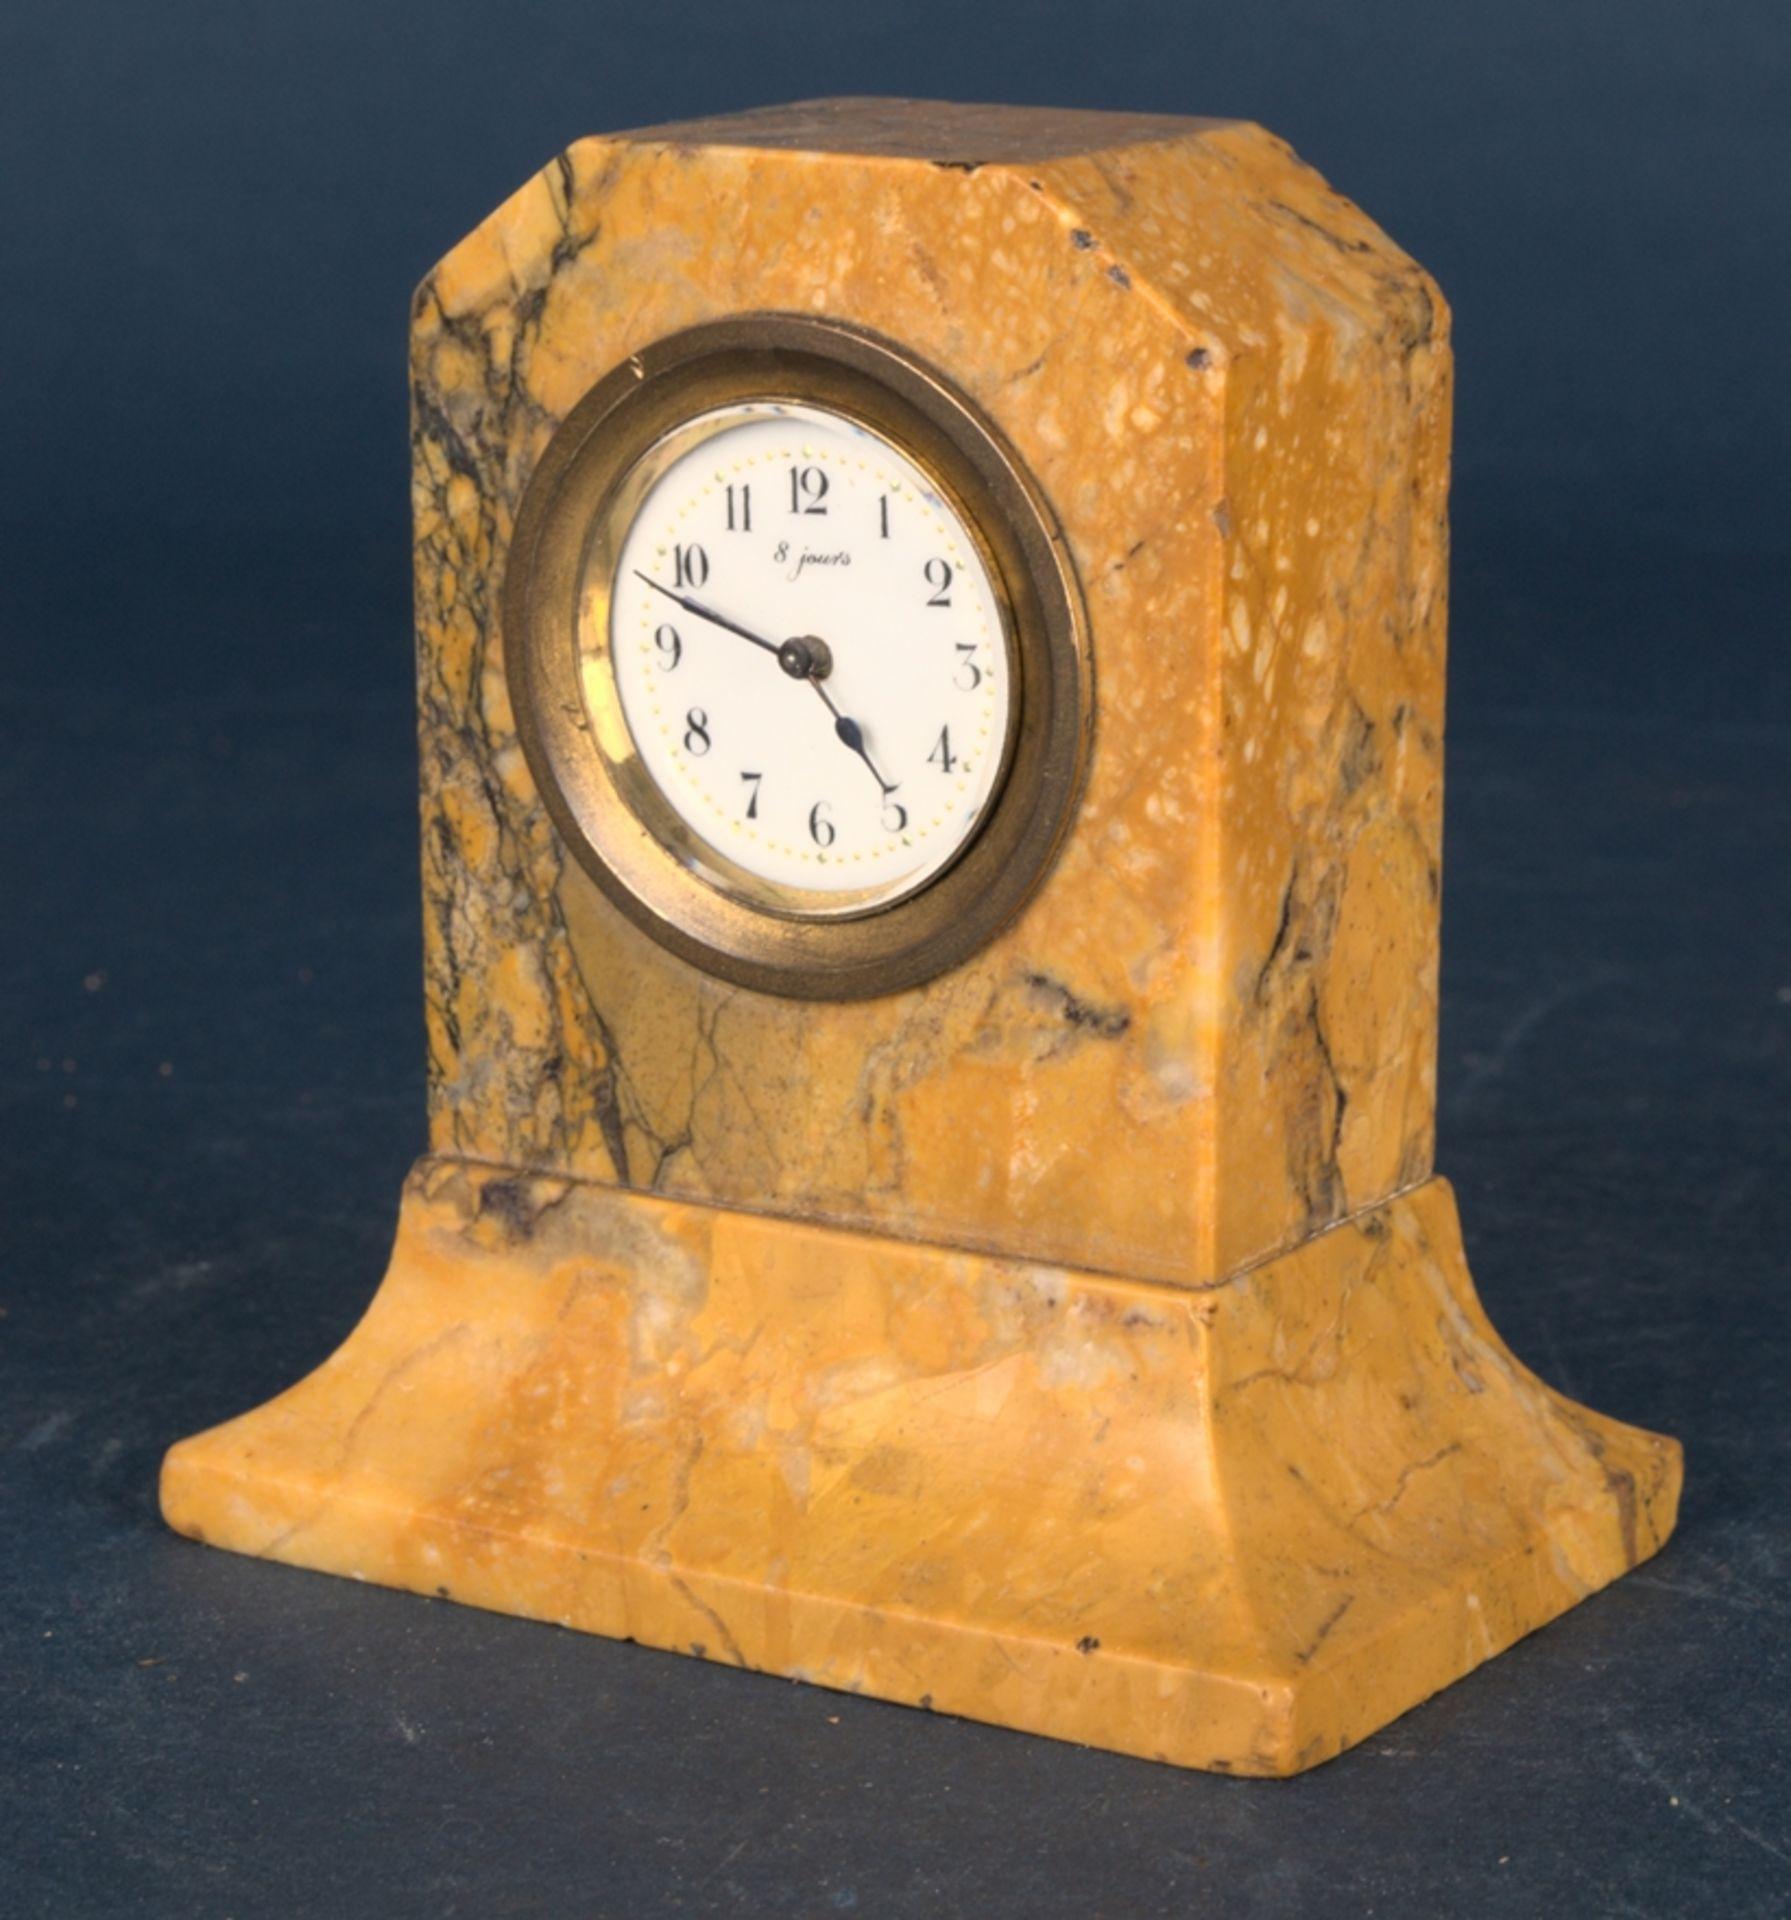 Kleine Tischuhr mit 8 Tagewerk in gelblich-braunem Granit- oder Marmorgehäuse. Höhe ca. 9 cm. Um - Bild 2 aus 8